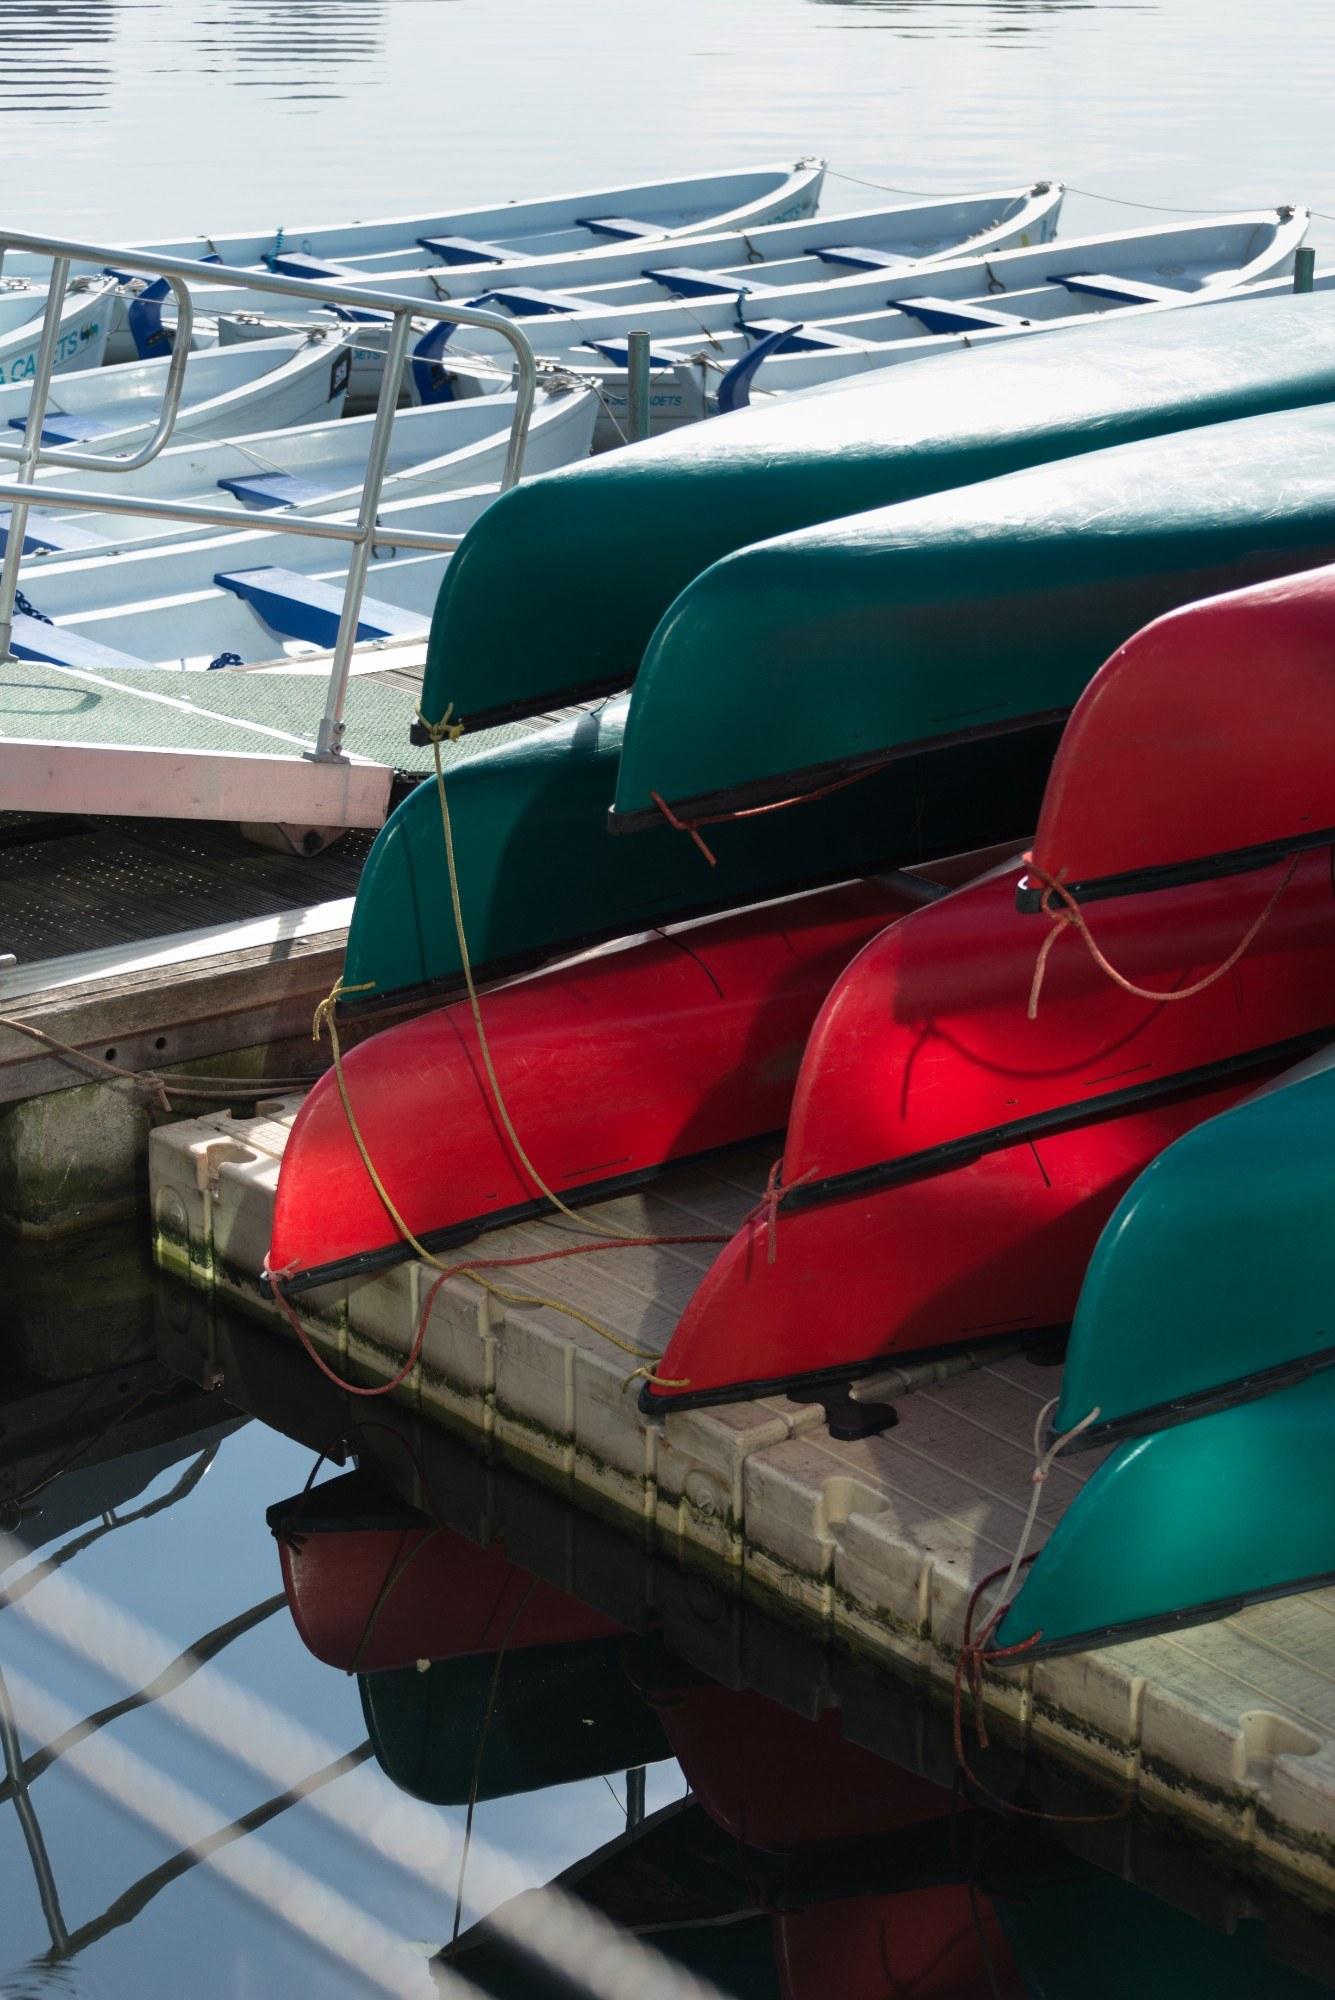 Boats on the waterside, bottom-side upward